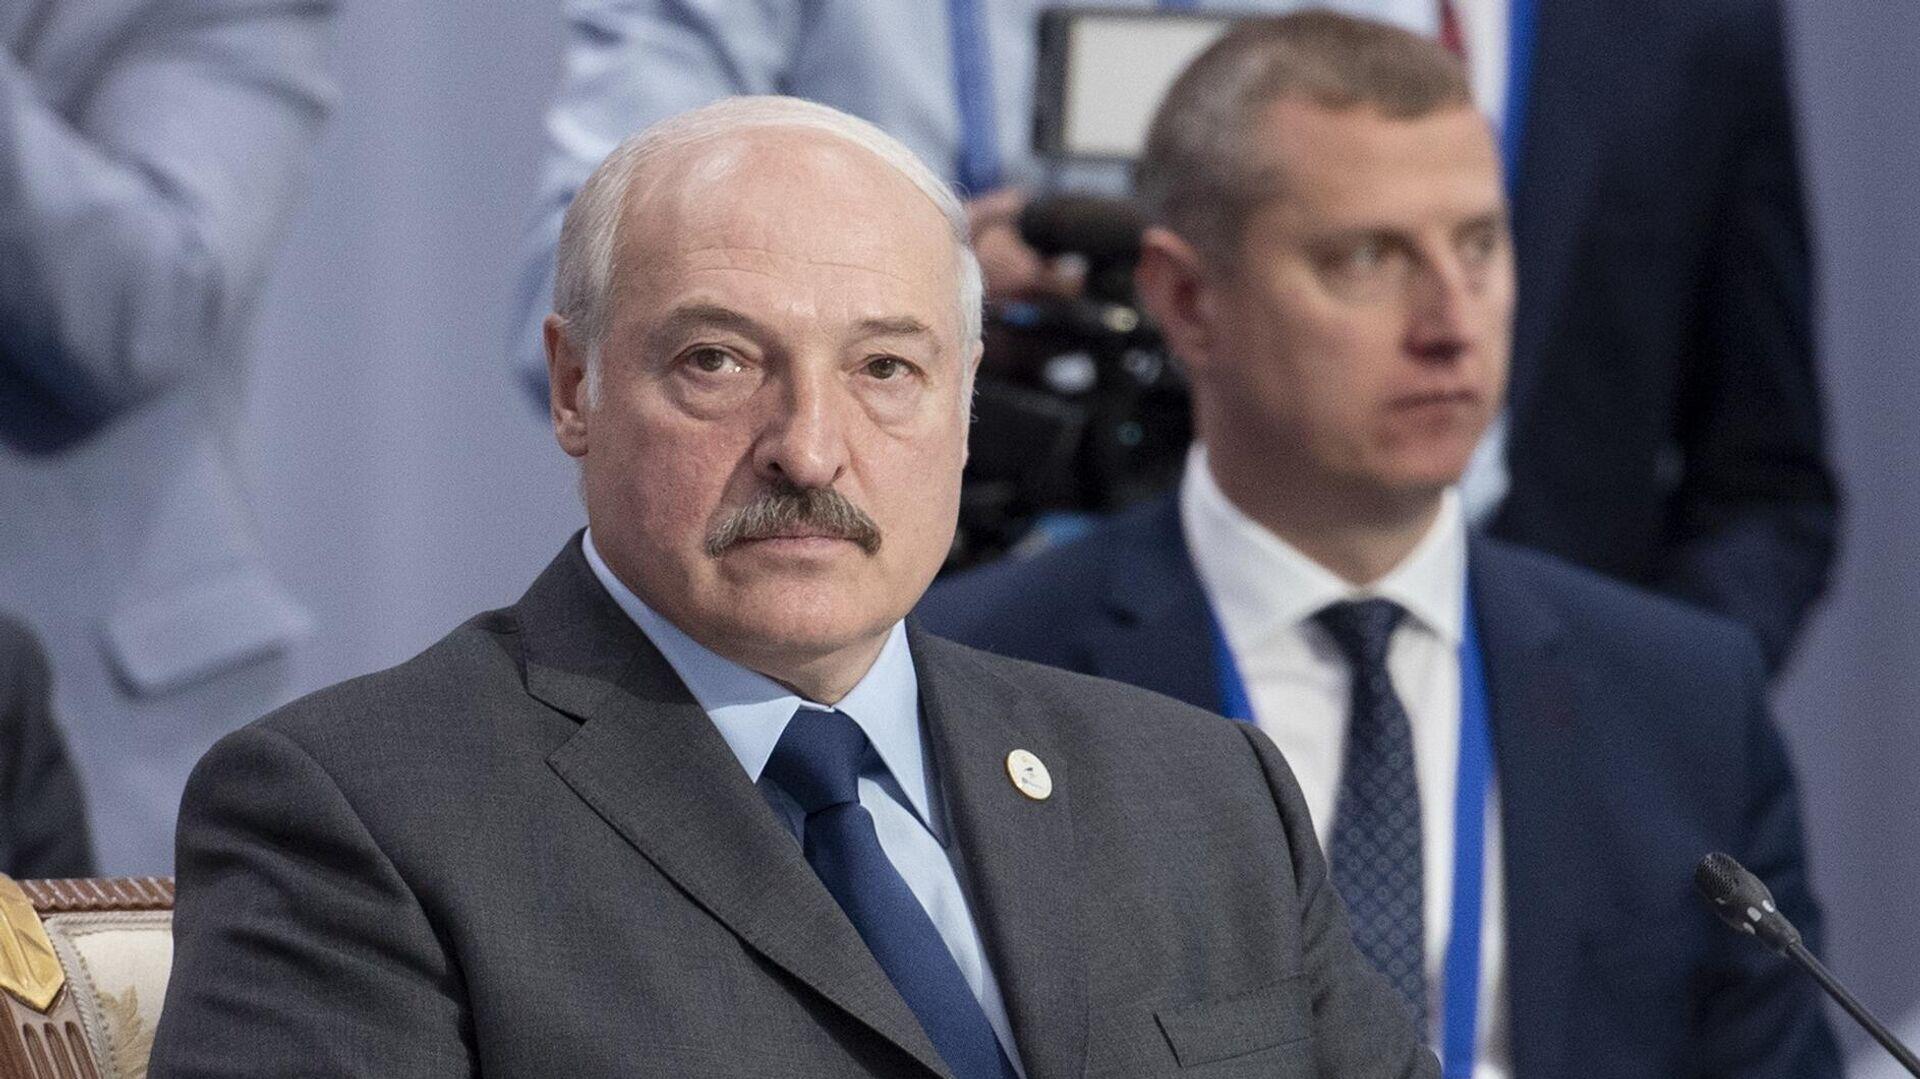 Aleksandr Lukashenko, presidente de Bielorrusia - Sputnik Mundo, 1920, 19.04.2021